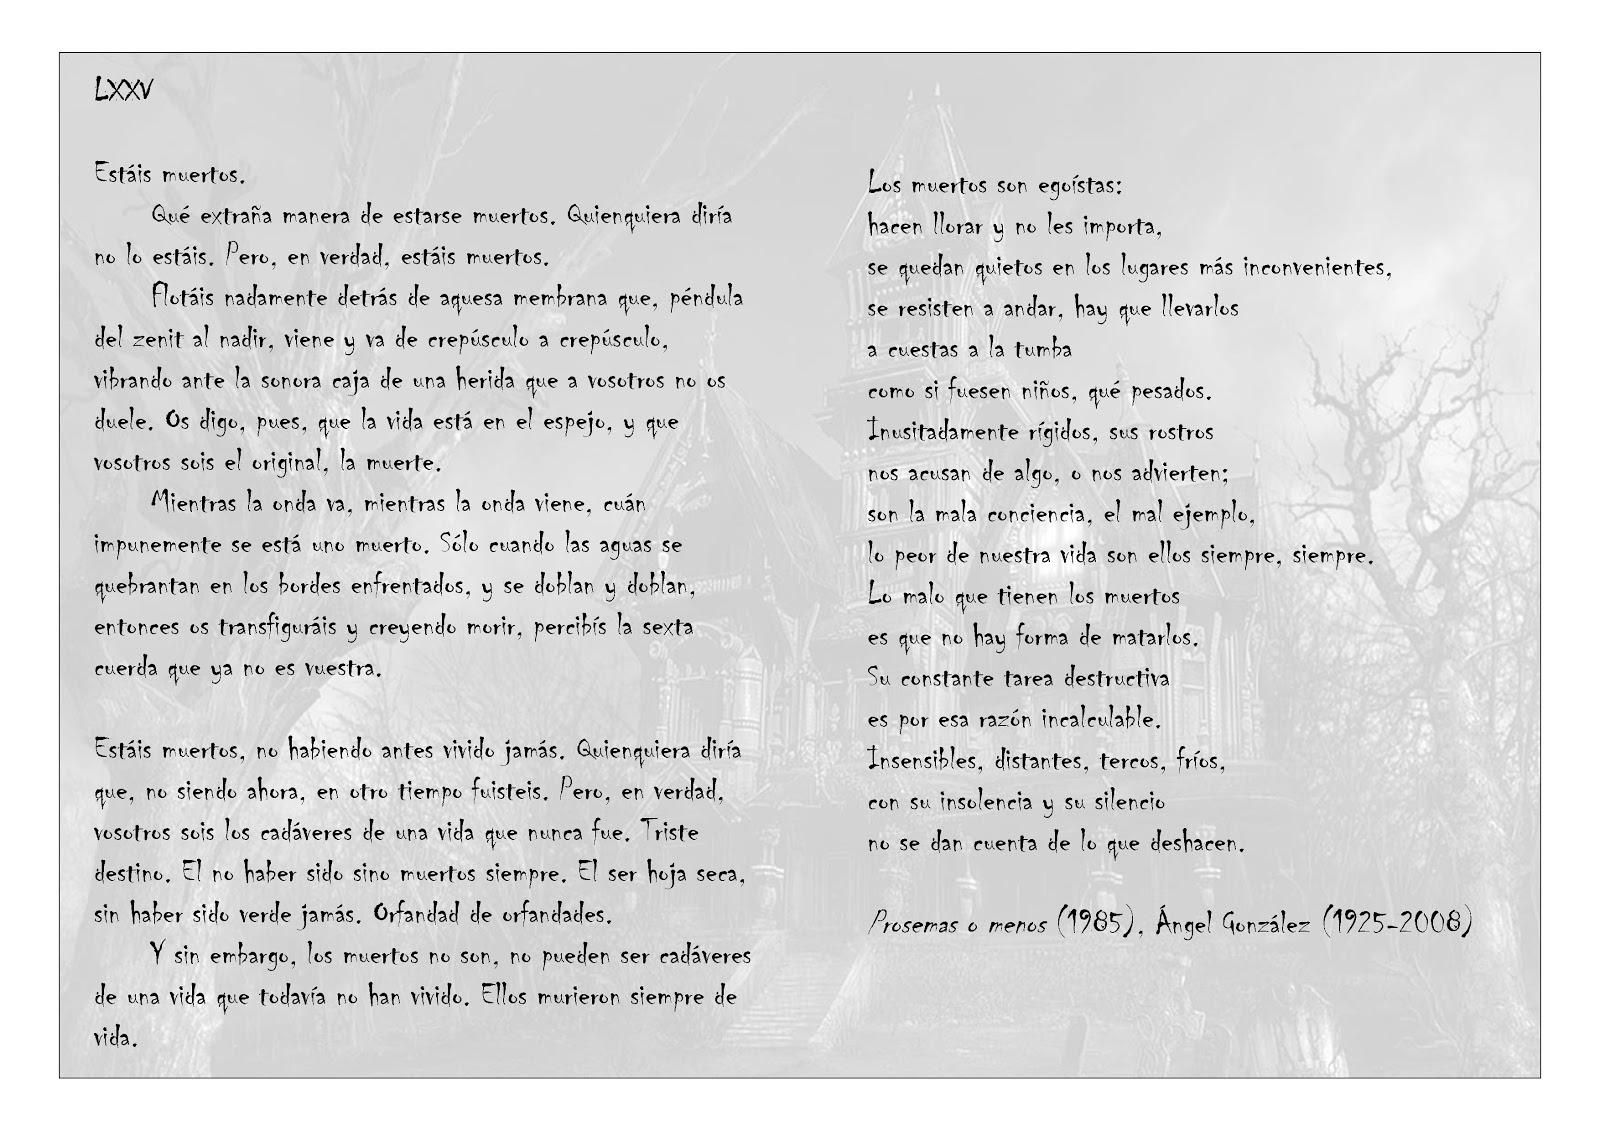 Poemas De Aniversario: Oracion Para Los Enfermos Moribundos Difuntos Pictures